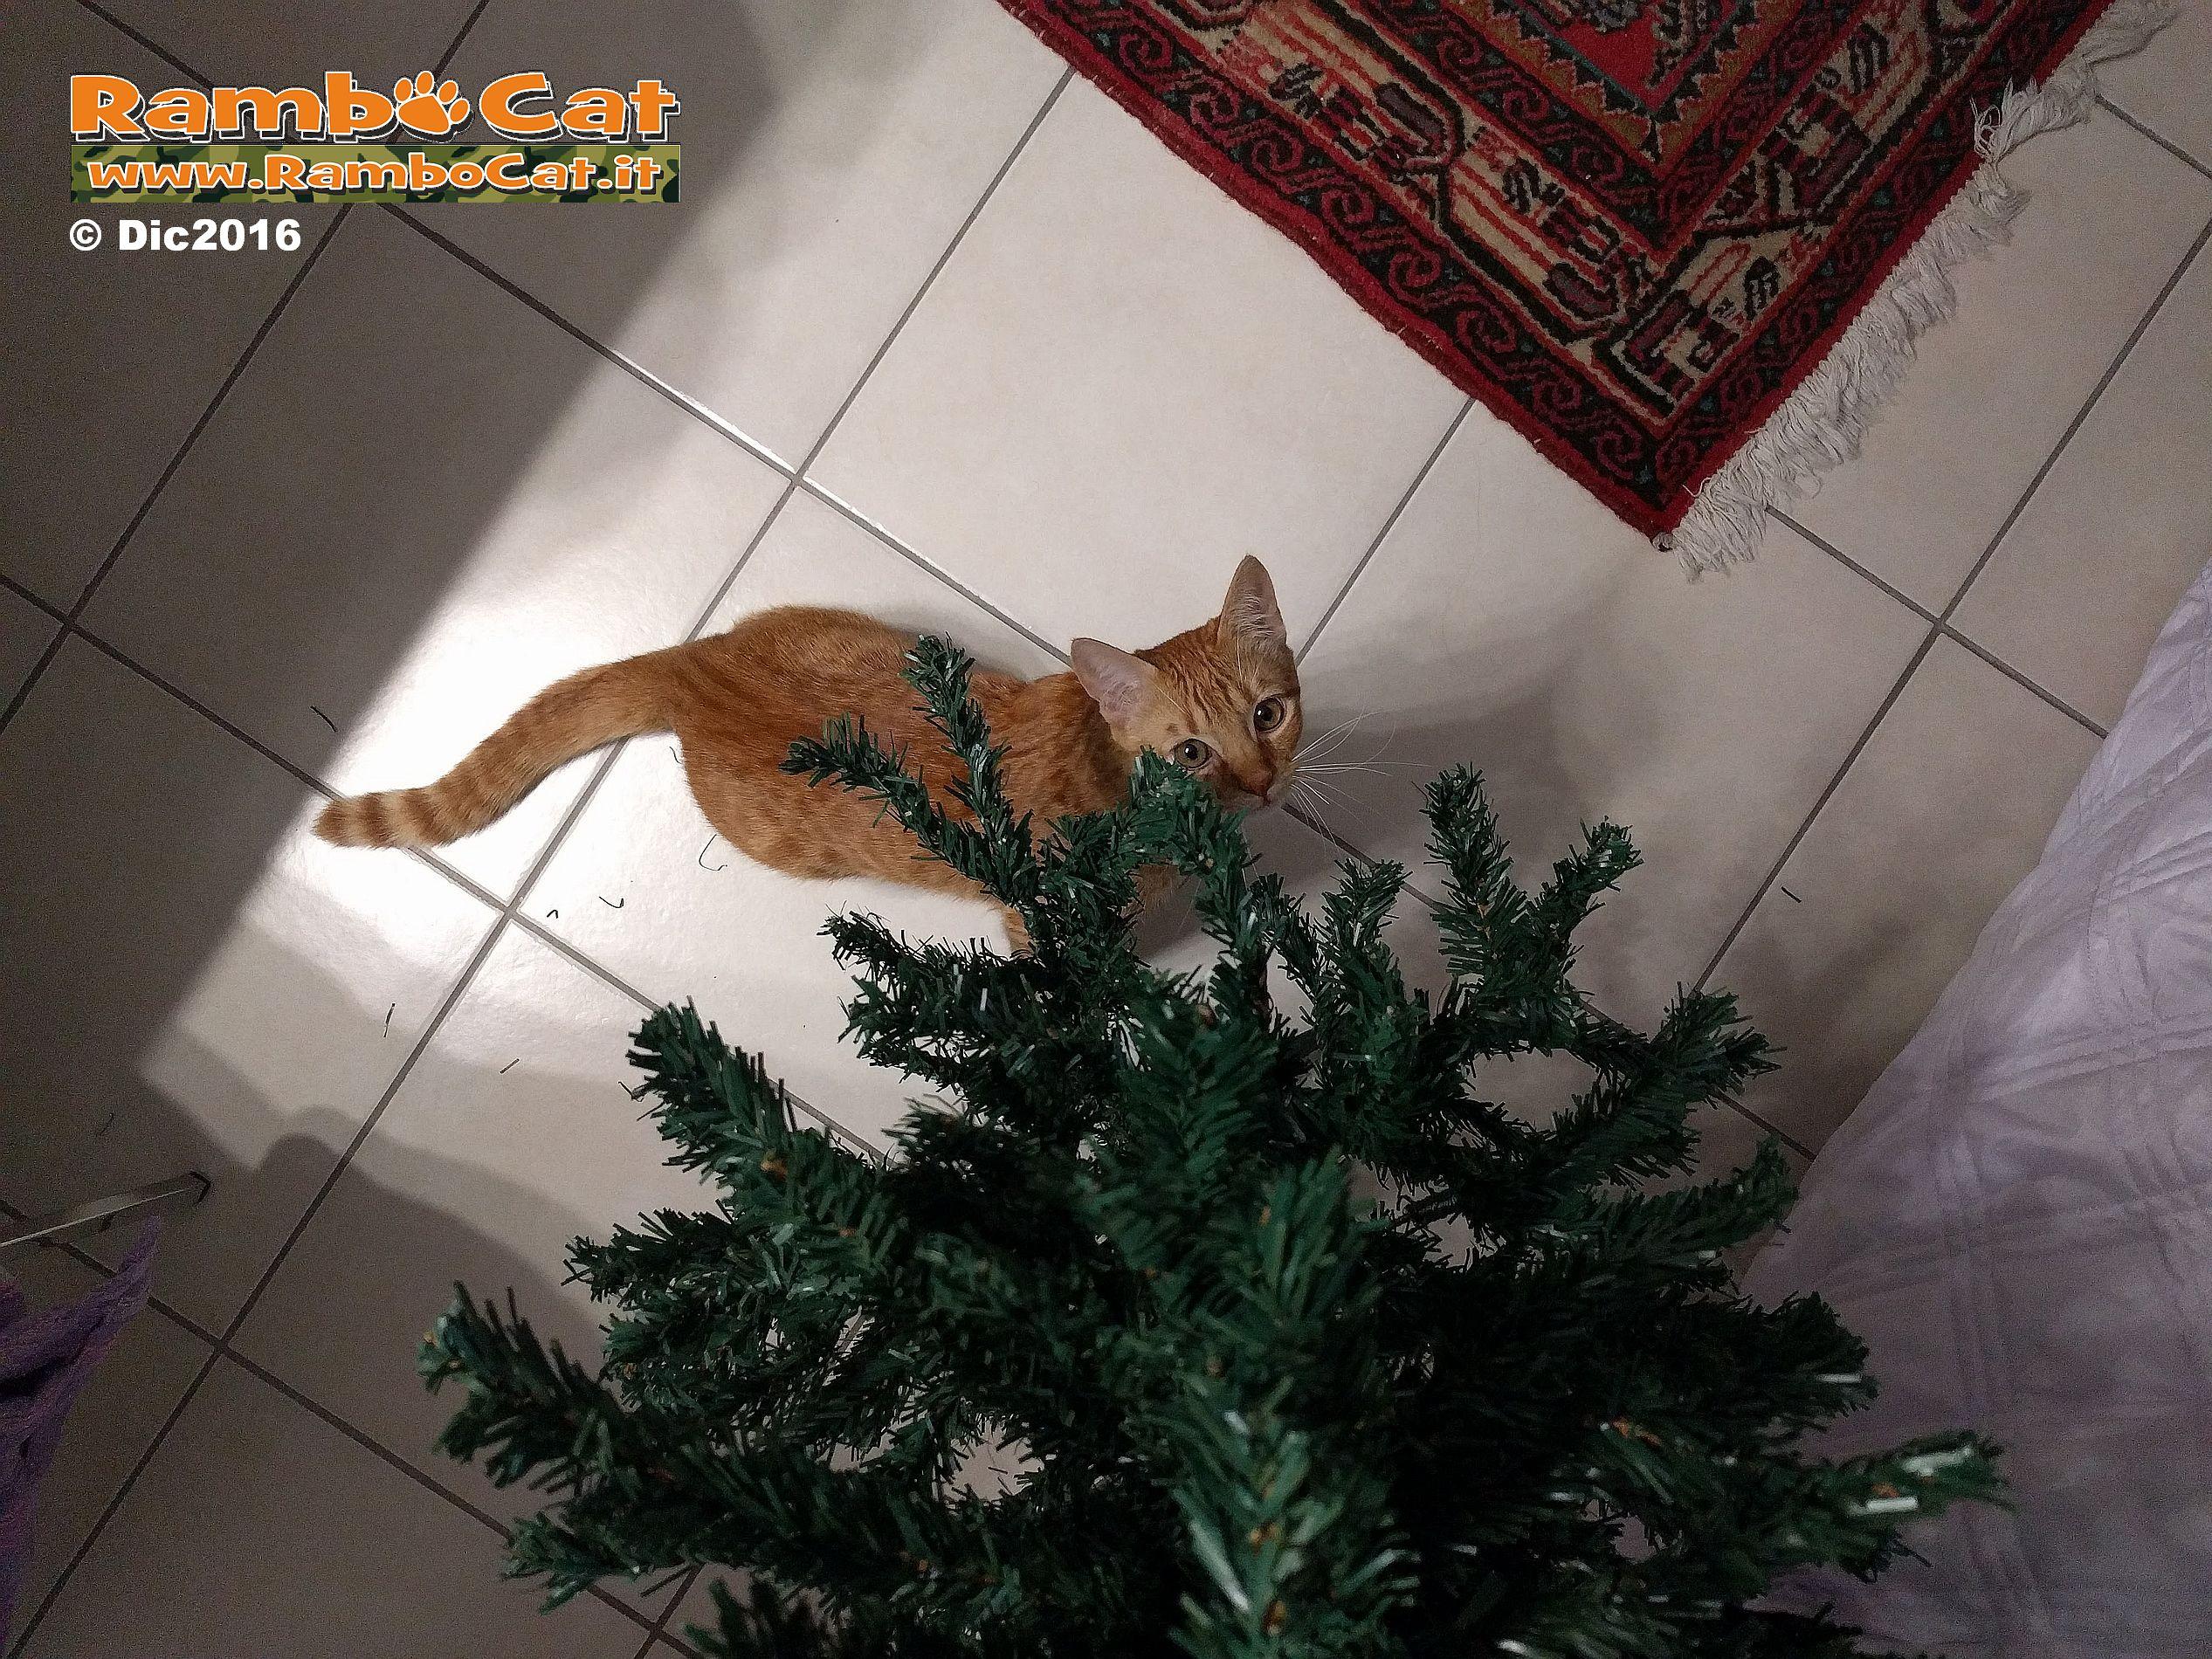 Gatto Rambo Cat osserva l'albero di Natale